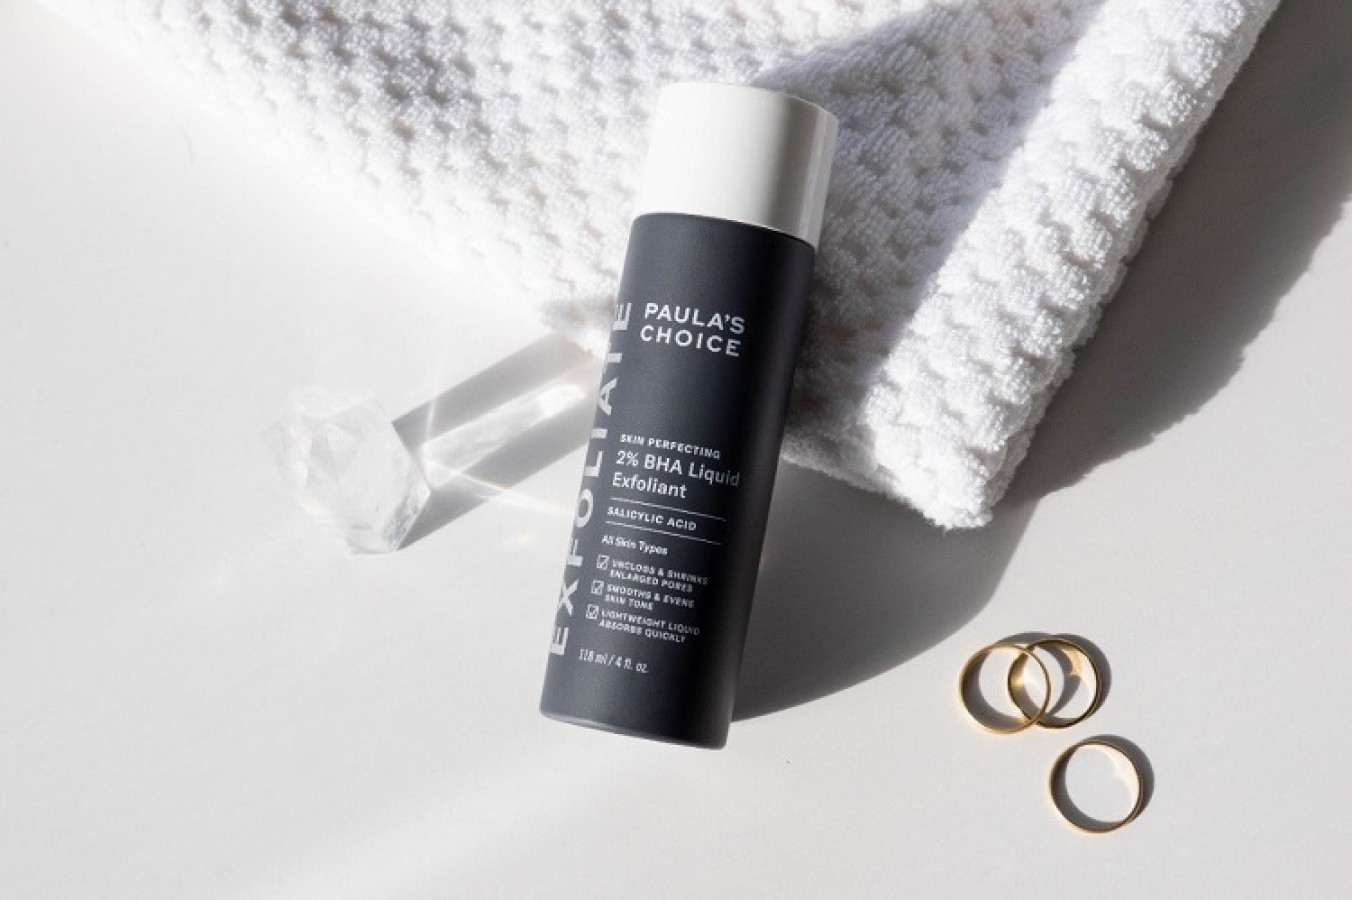 Tẩy Tế Bào Chết Paula's Choice Skin Perfecting 2% BHA Gel